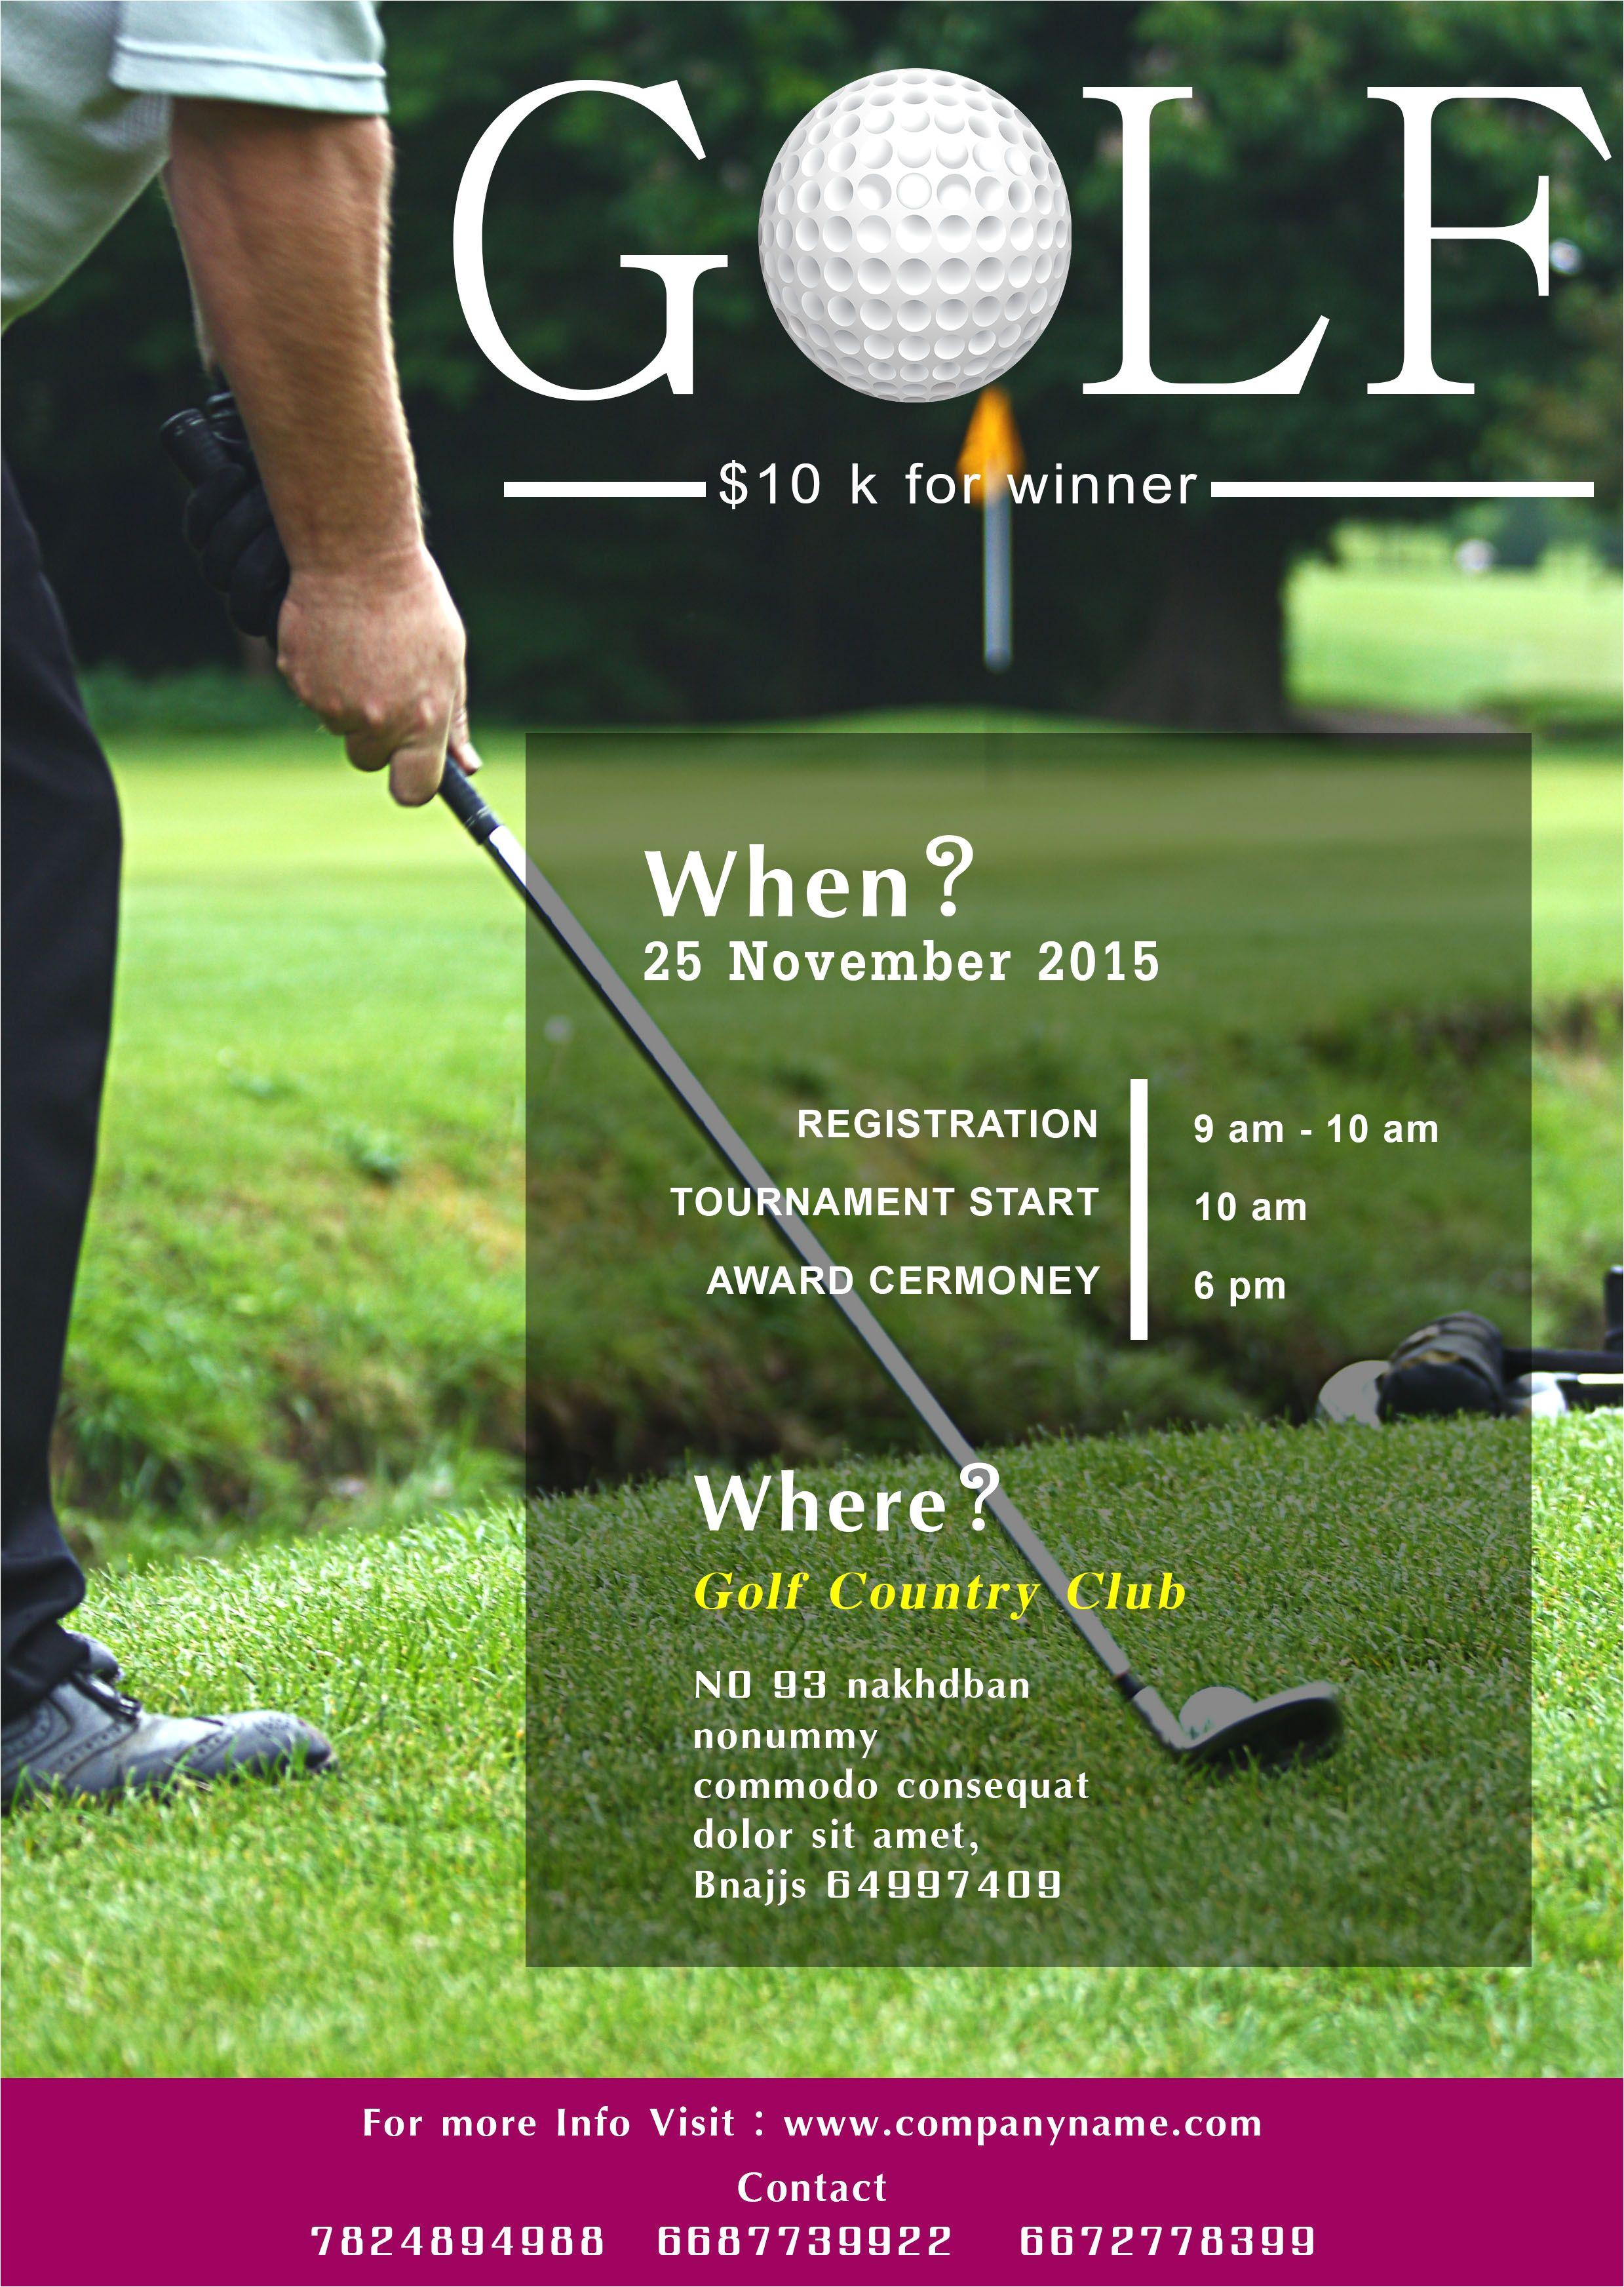 Free Golf tournament Flyer Template Golf tournament Flyer Template Free 15 Free Golf